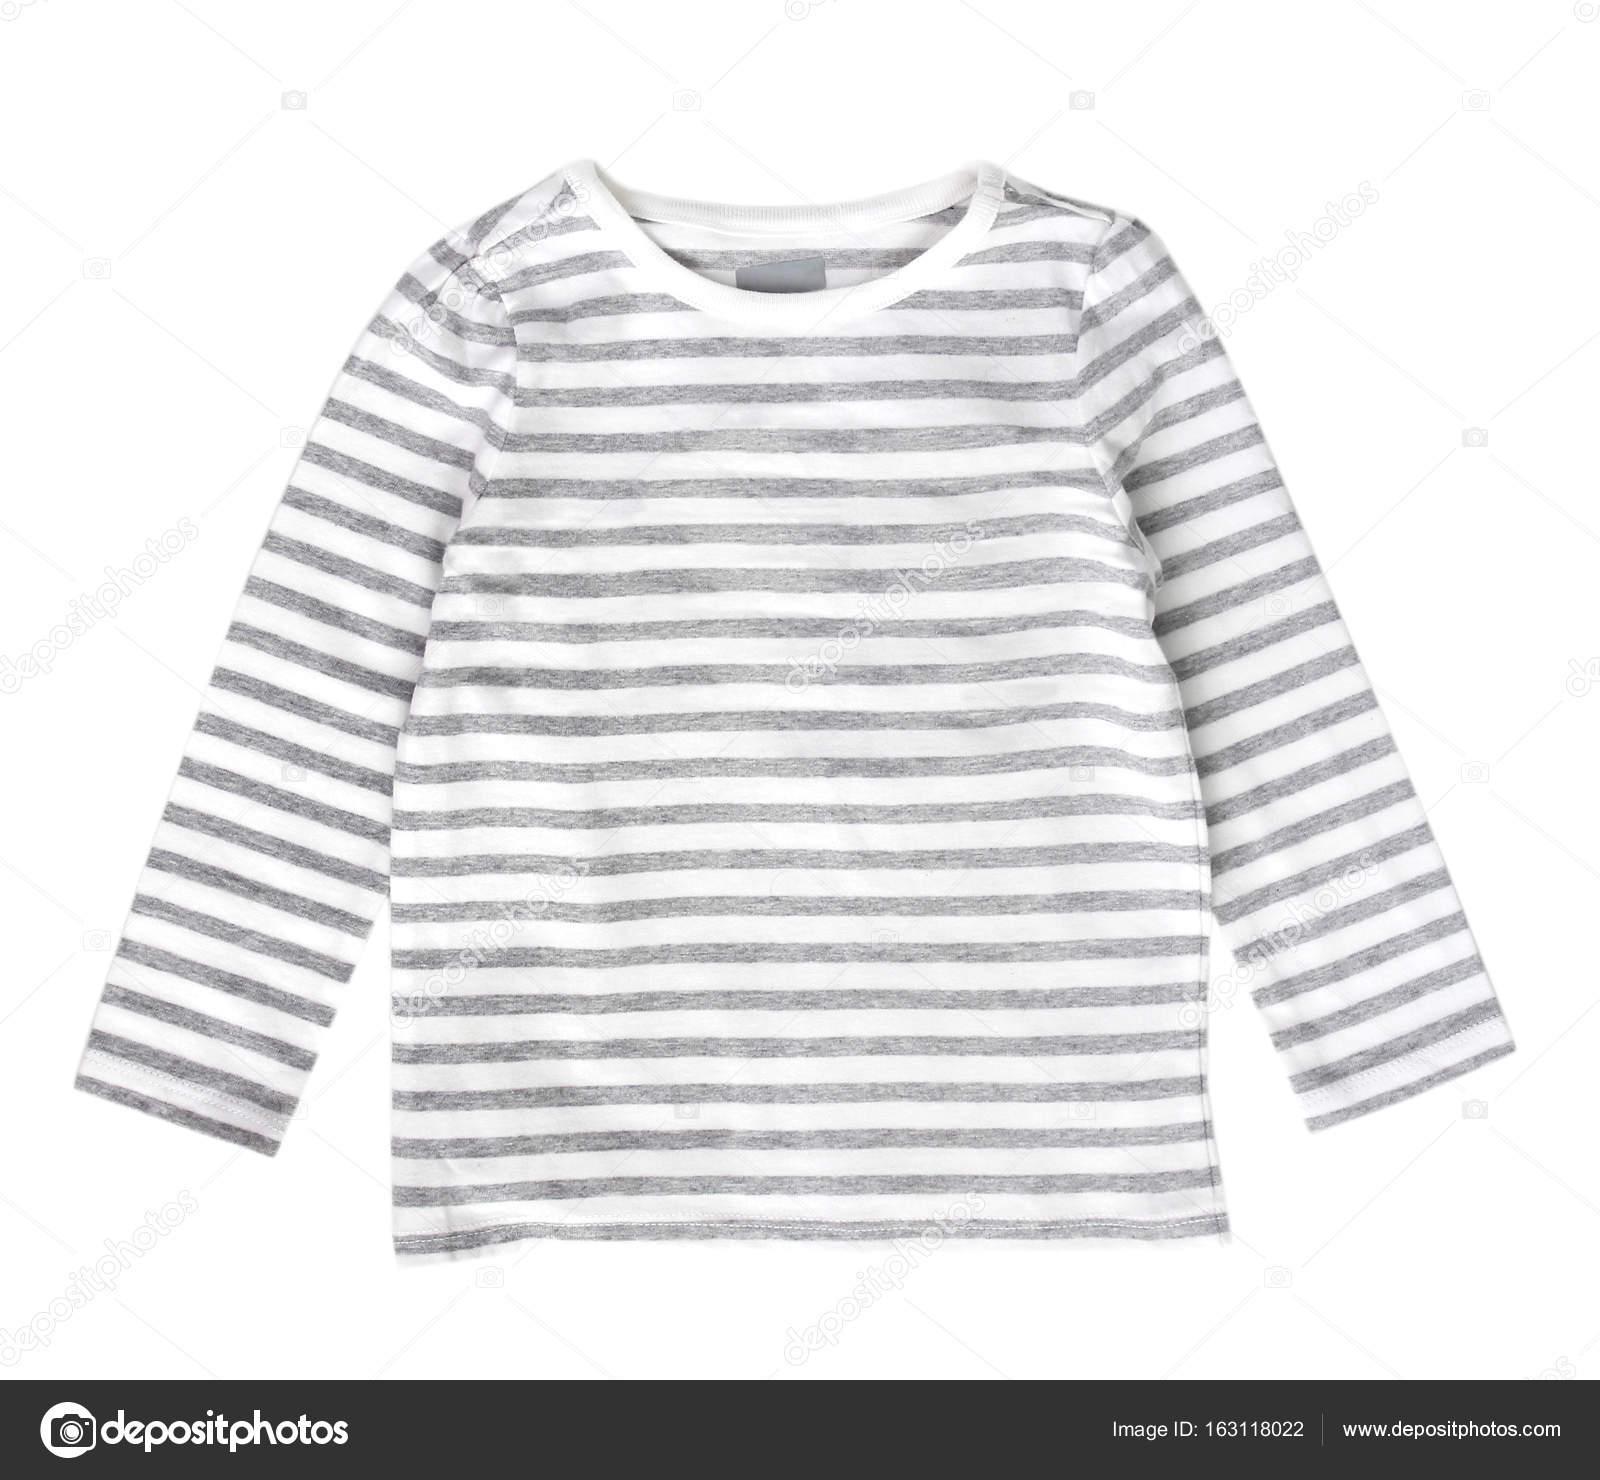 982d3383f7d Camisa blanca a rayas aislada en blanco. Ropa de moda actual neautral bebé  — Foto de ...